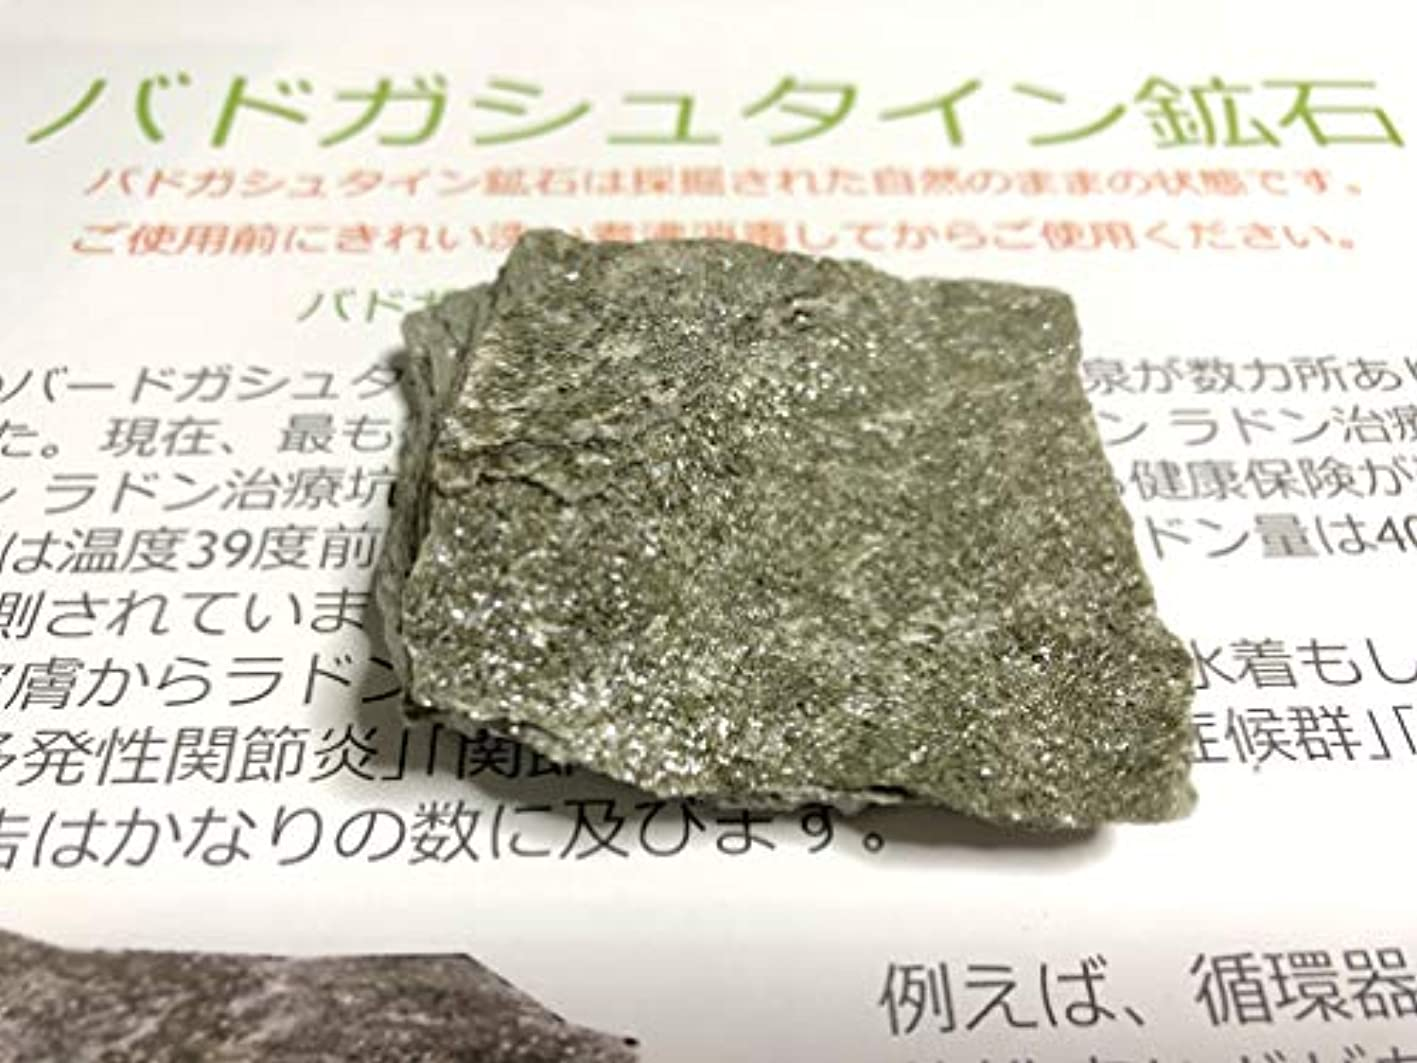 レース空レースバドガシュタイン鉱石 クラス3 約1~4μSV/h未満 (約100g詰め)